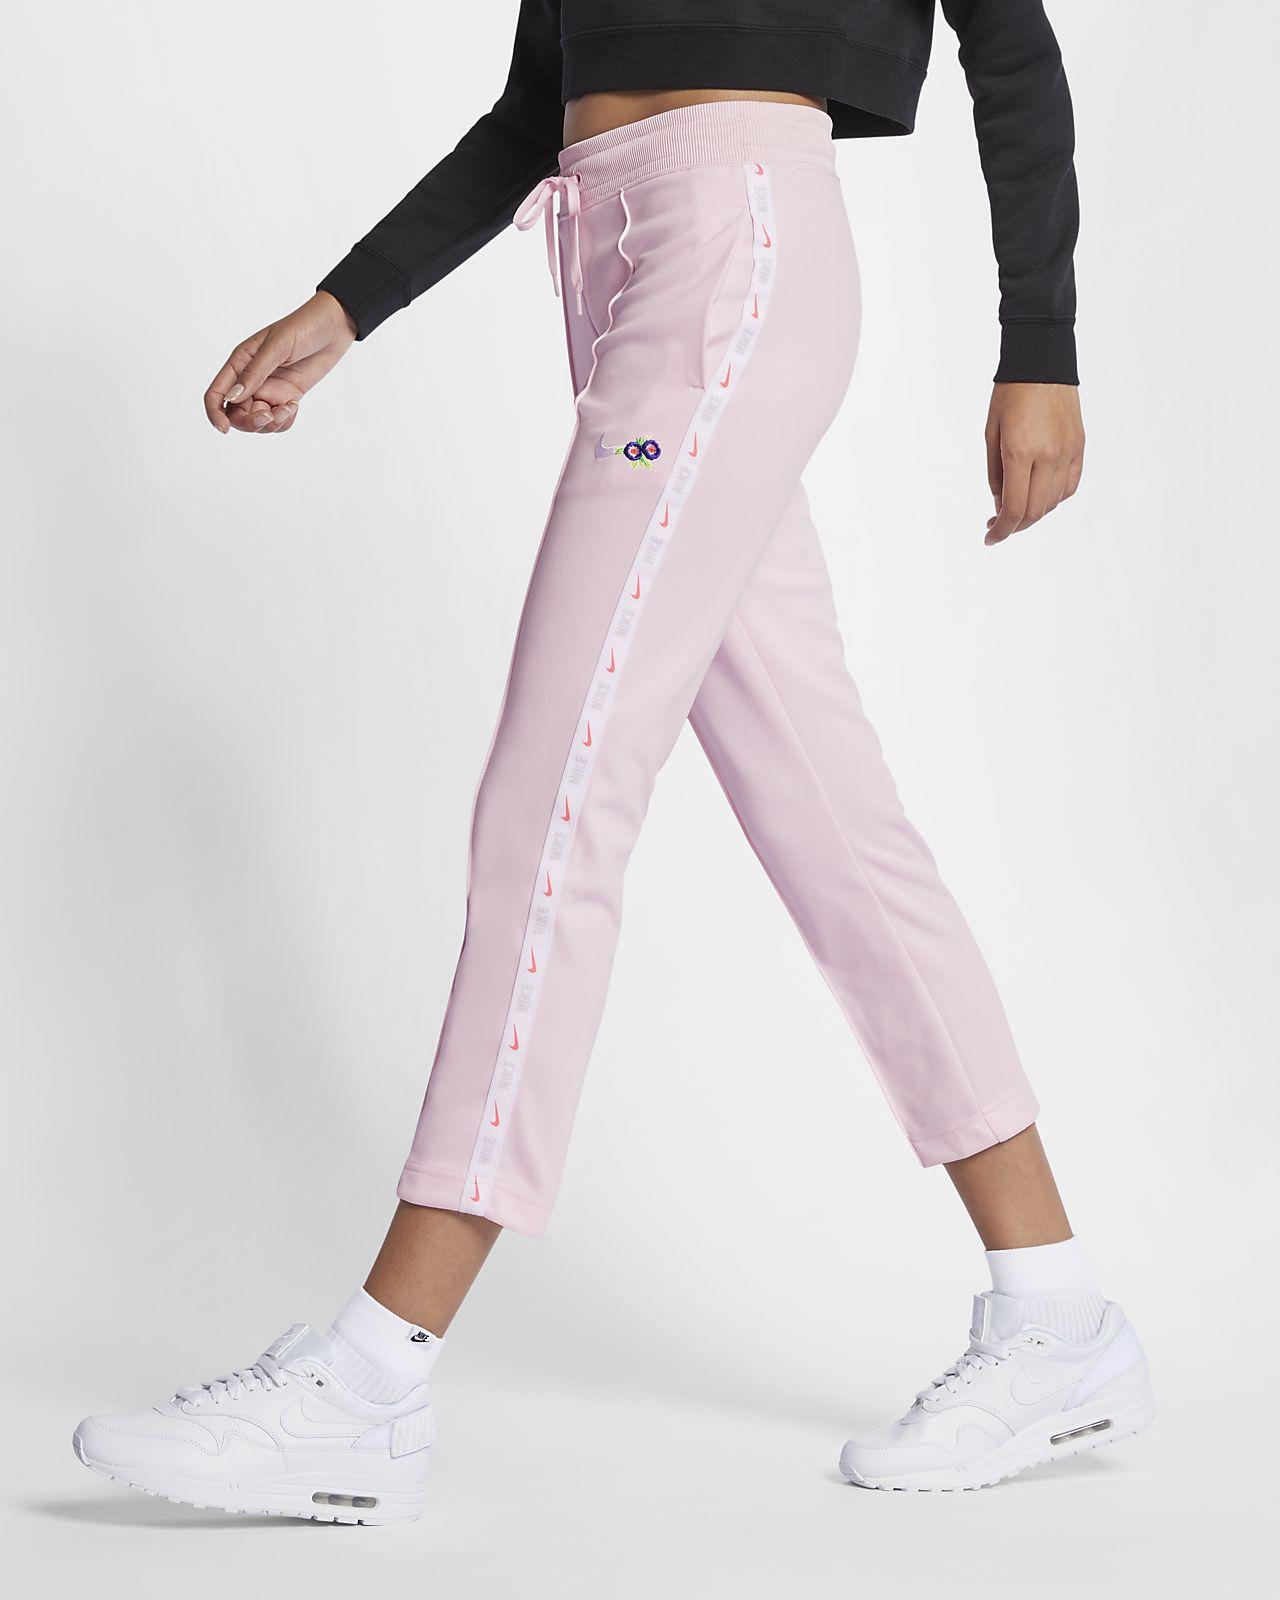 Pour Pantalon Nike Sportswear Ch Femme 77O1w